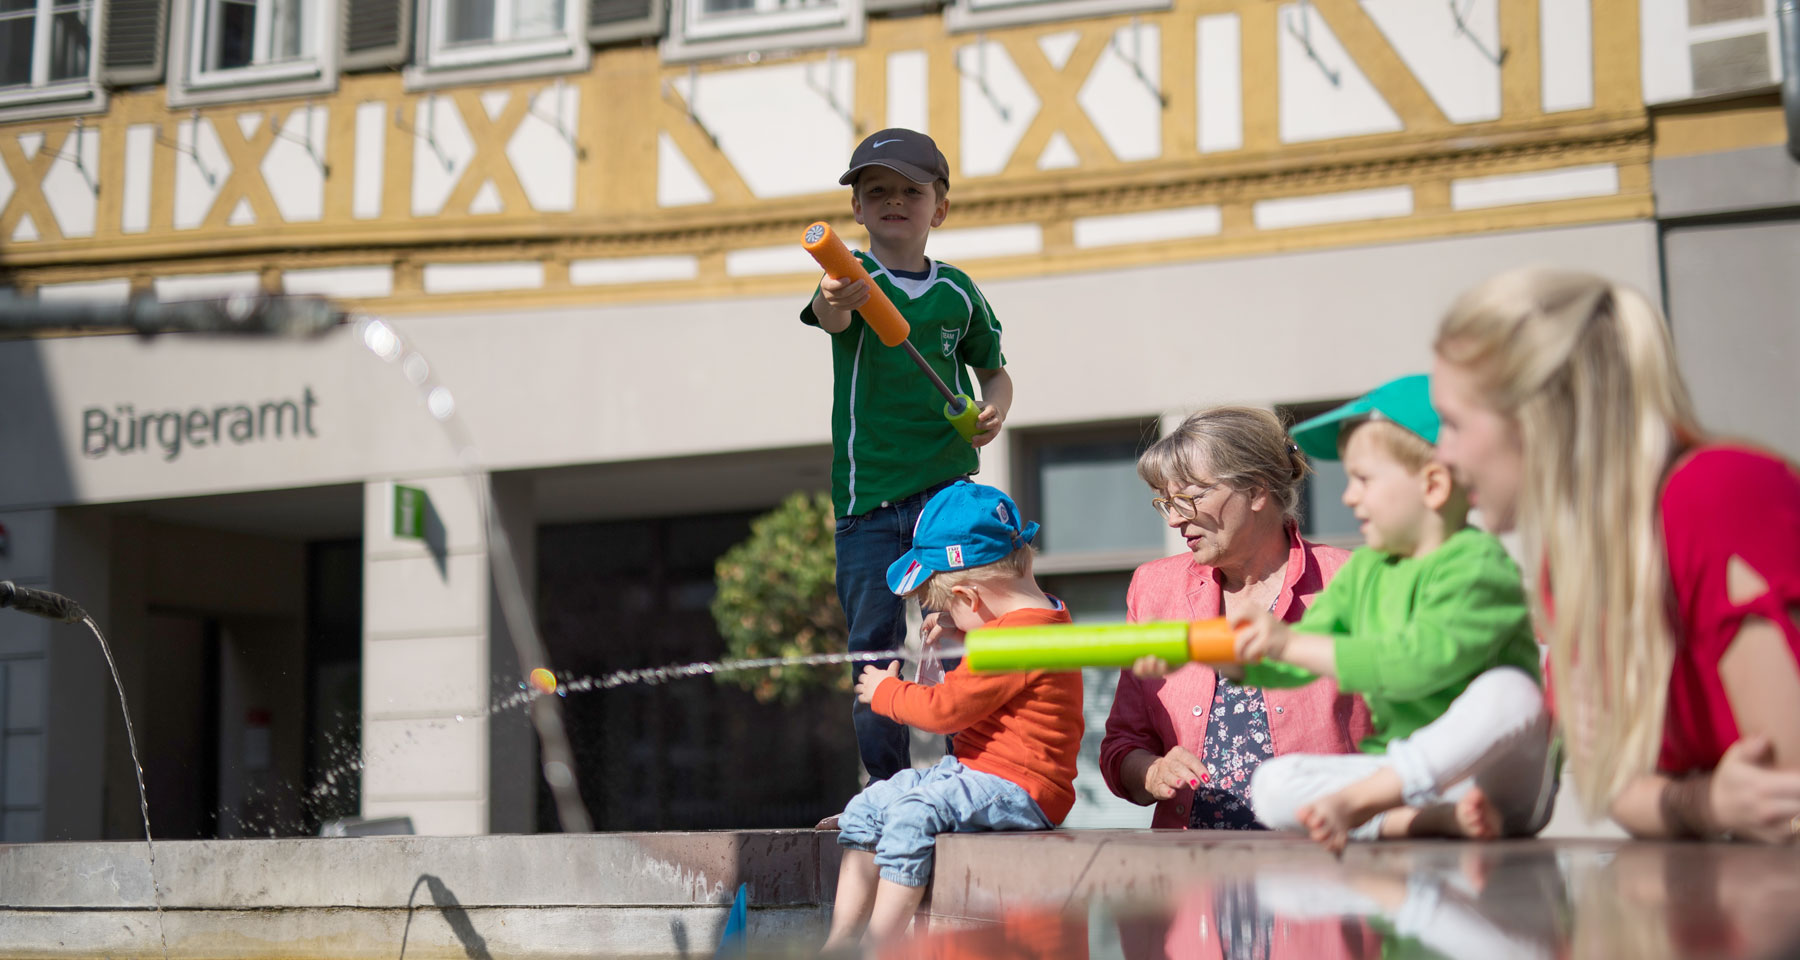 Im Hintergrund das Bürgeramt im Vordergrund Kinder die am Brunnen spielen